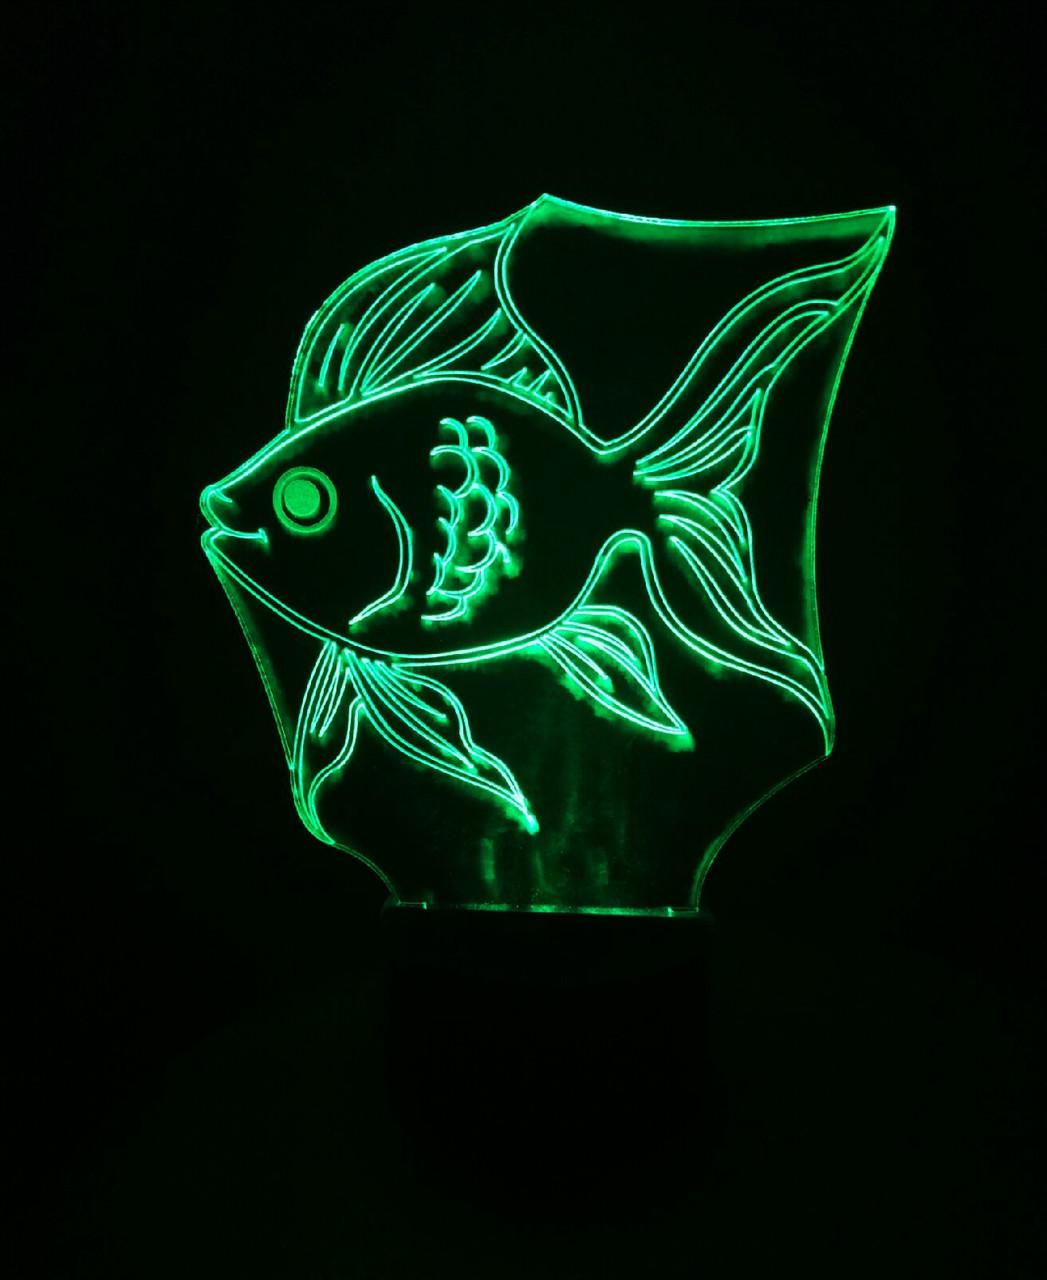 3d-светильник Золотая рыбка, 3д-ночник, несколько подсветок (на батарейке), подарок рыбаку аквариумисту